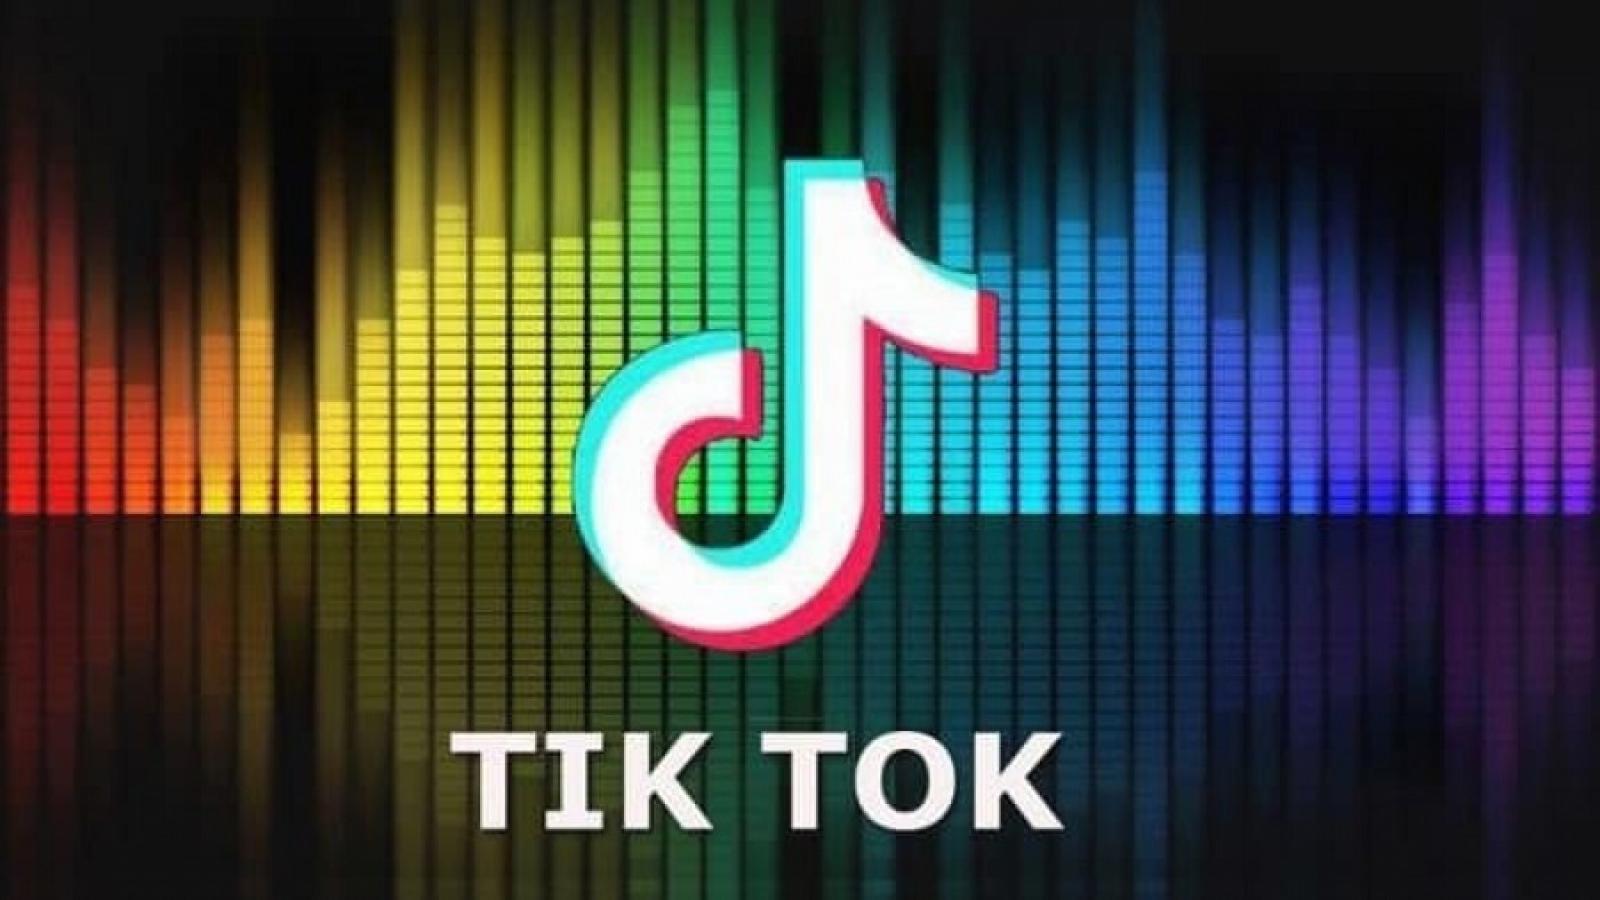 """Mỹ sẽ ra quyết định về đề xuất hợp tác của Tiktok trong """"1 thời gian ngắn"""""""